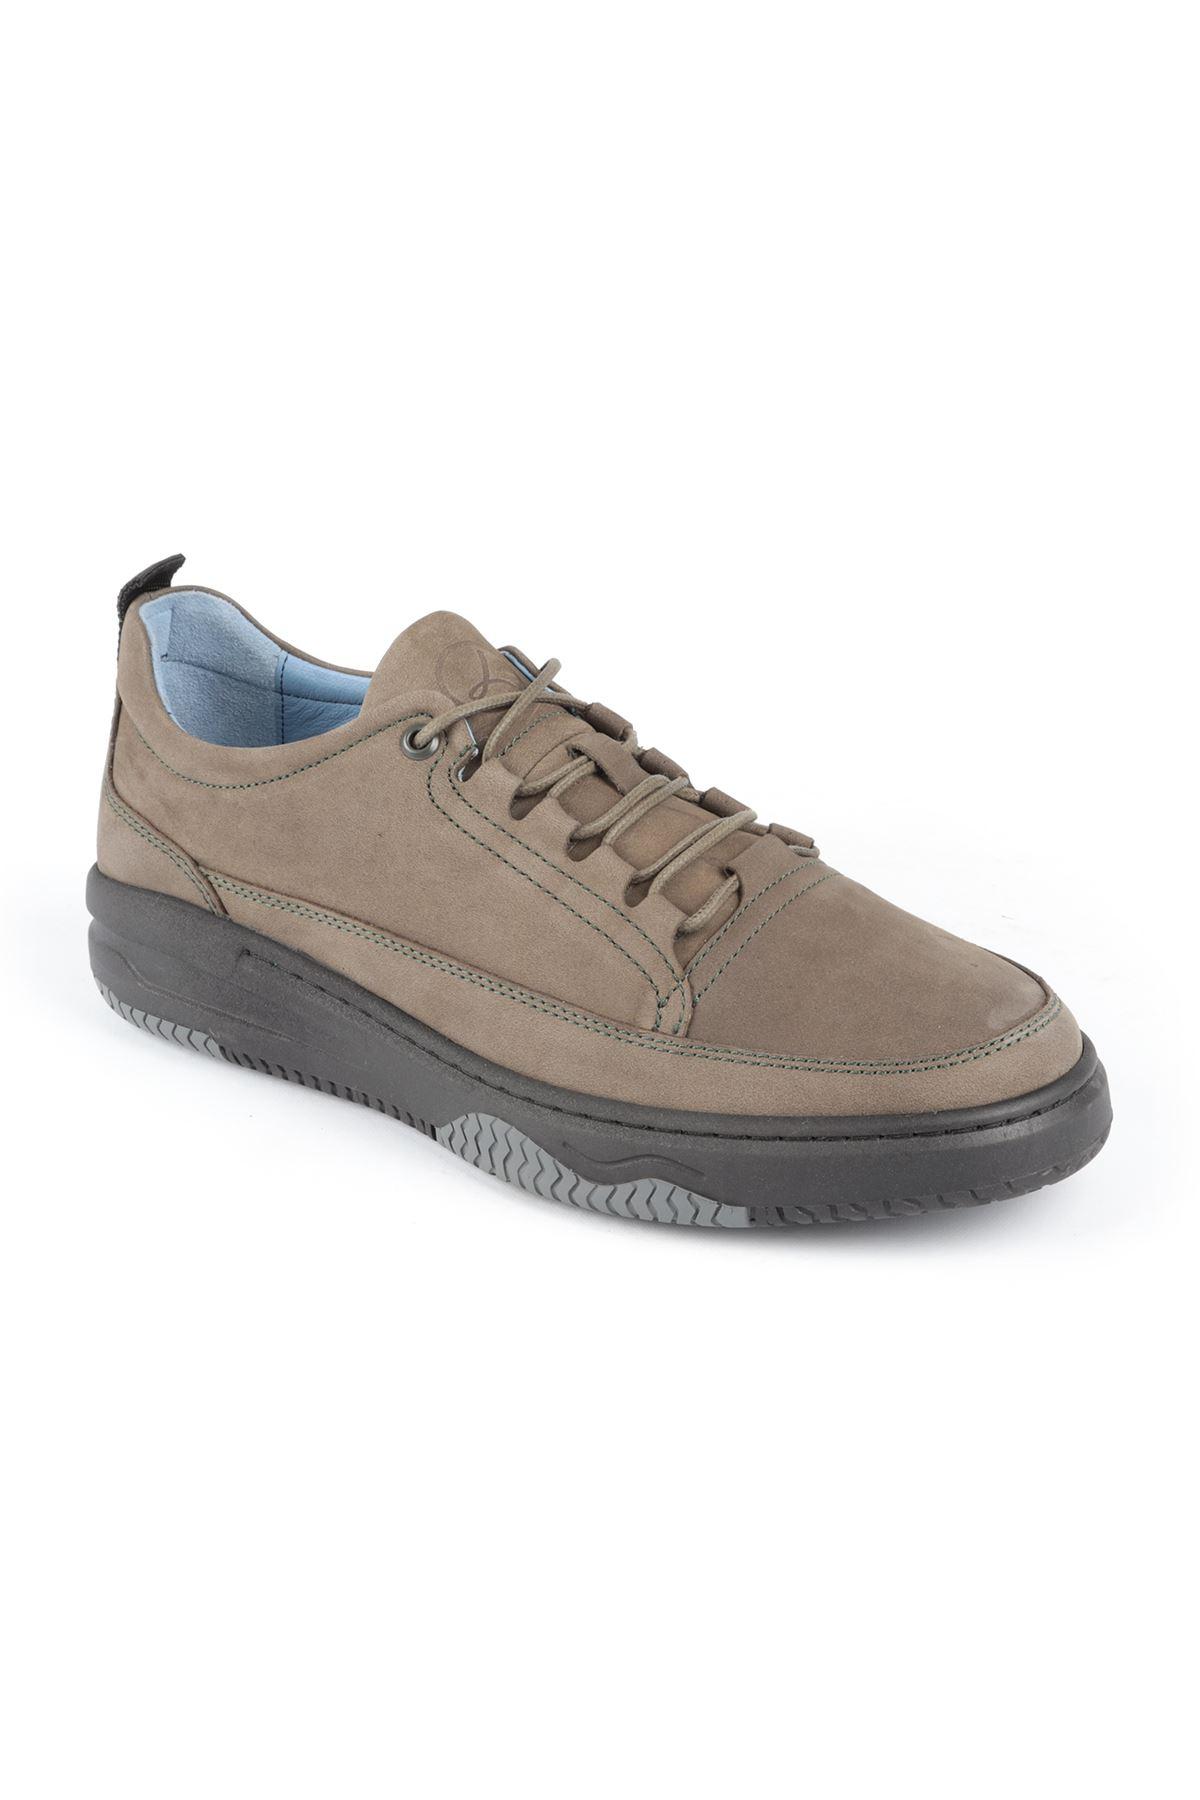 Libero L3545 Haki Spor Ayakkabı